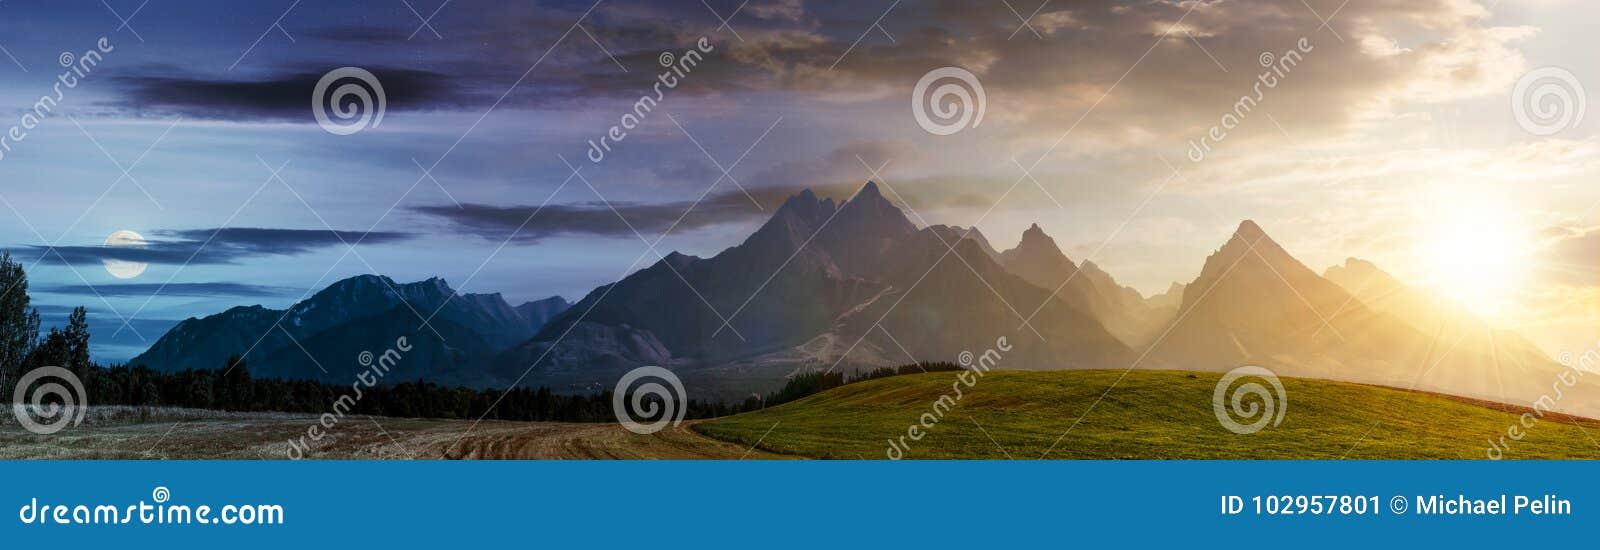 Giorno e notte sopra zona rurale in montagne di Tatra